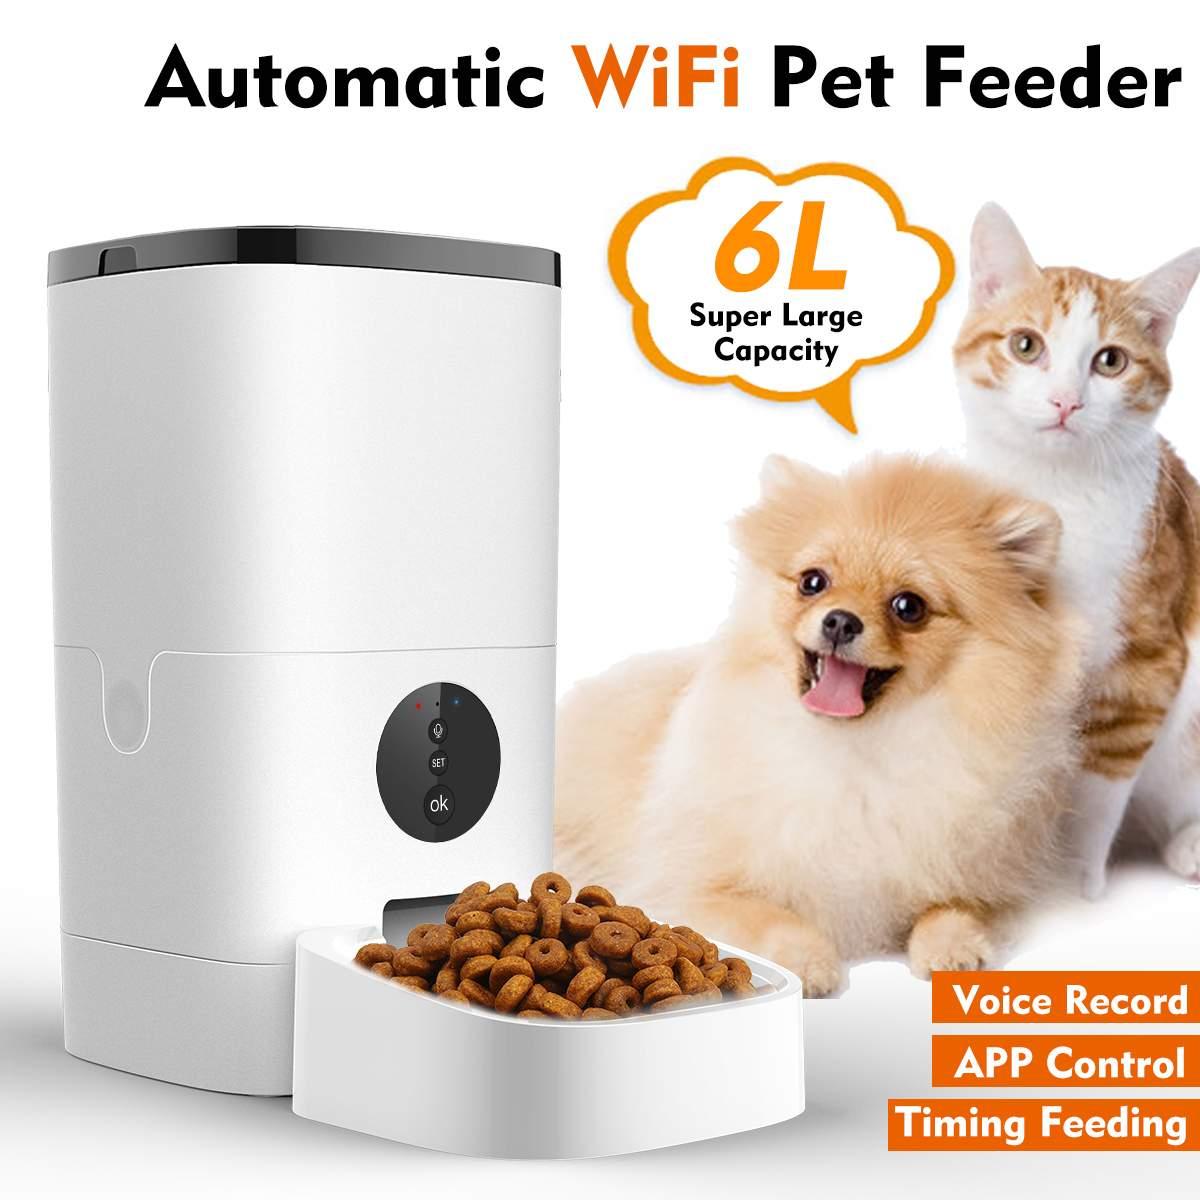 4L/6L/9L автоматическая кормушка для домашних животных приложение Управление синхронизации для кормления Запись голоса дозатор корма для дом...